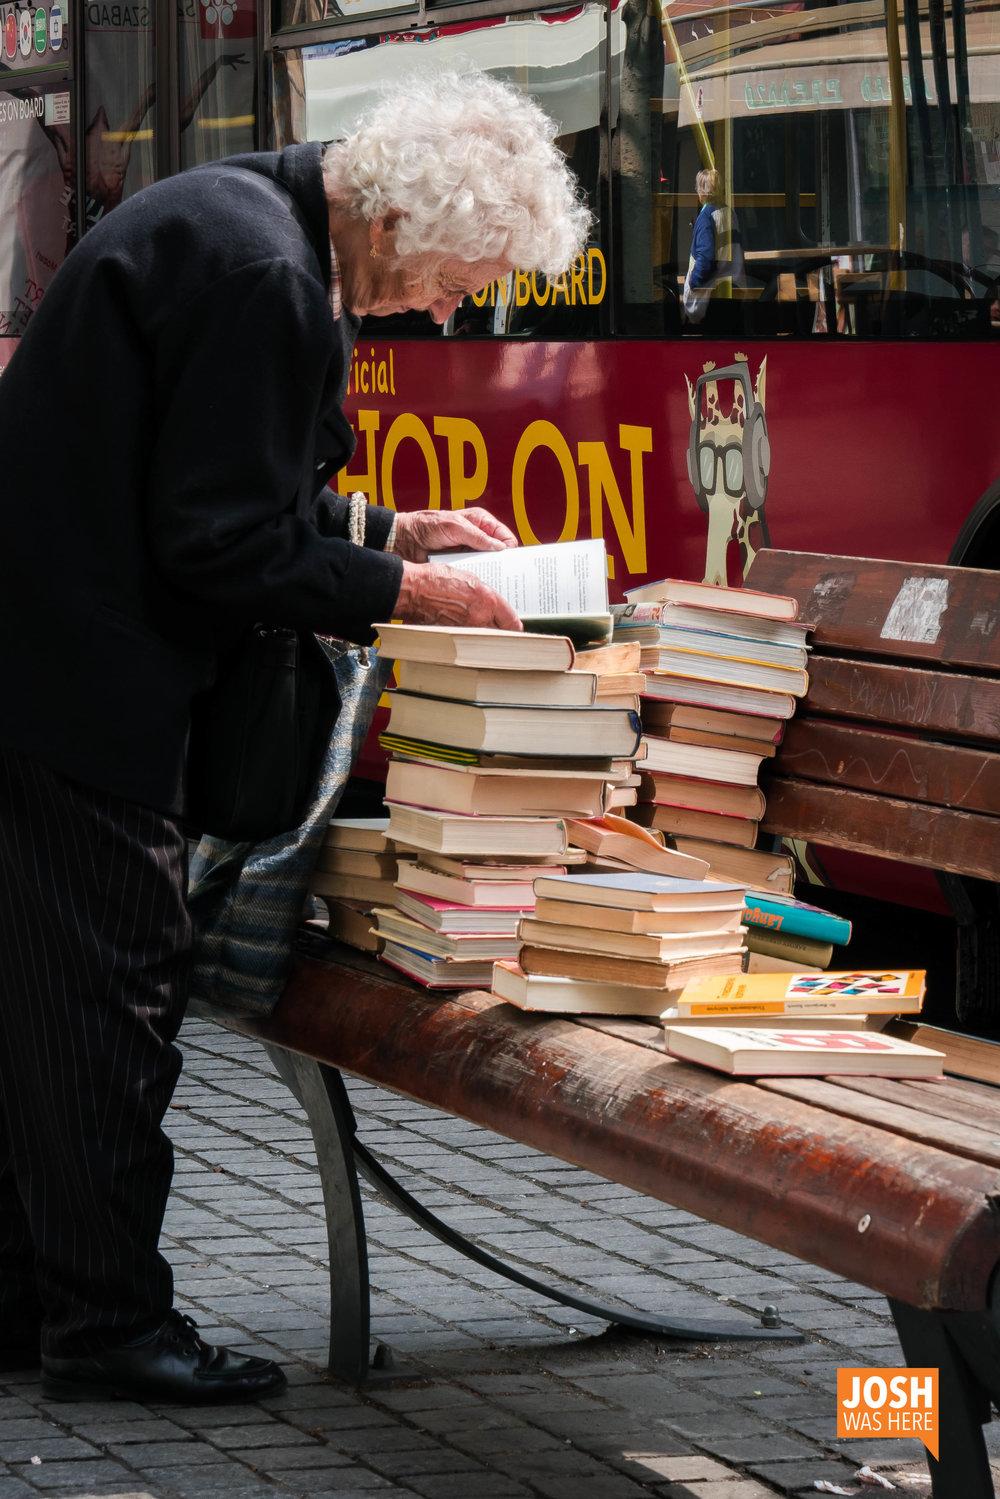 Reused books